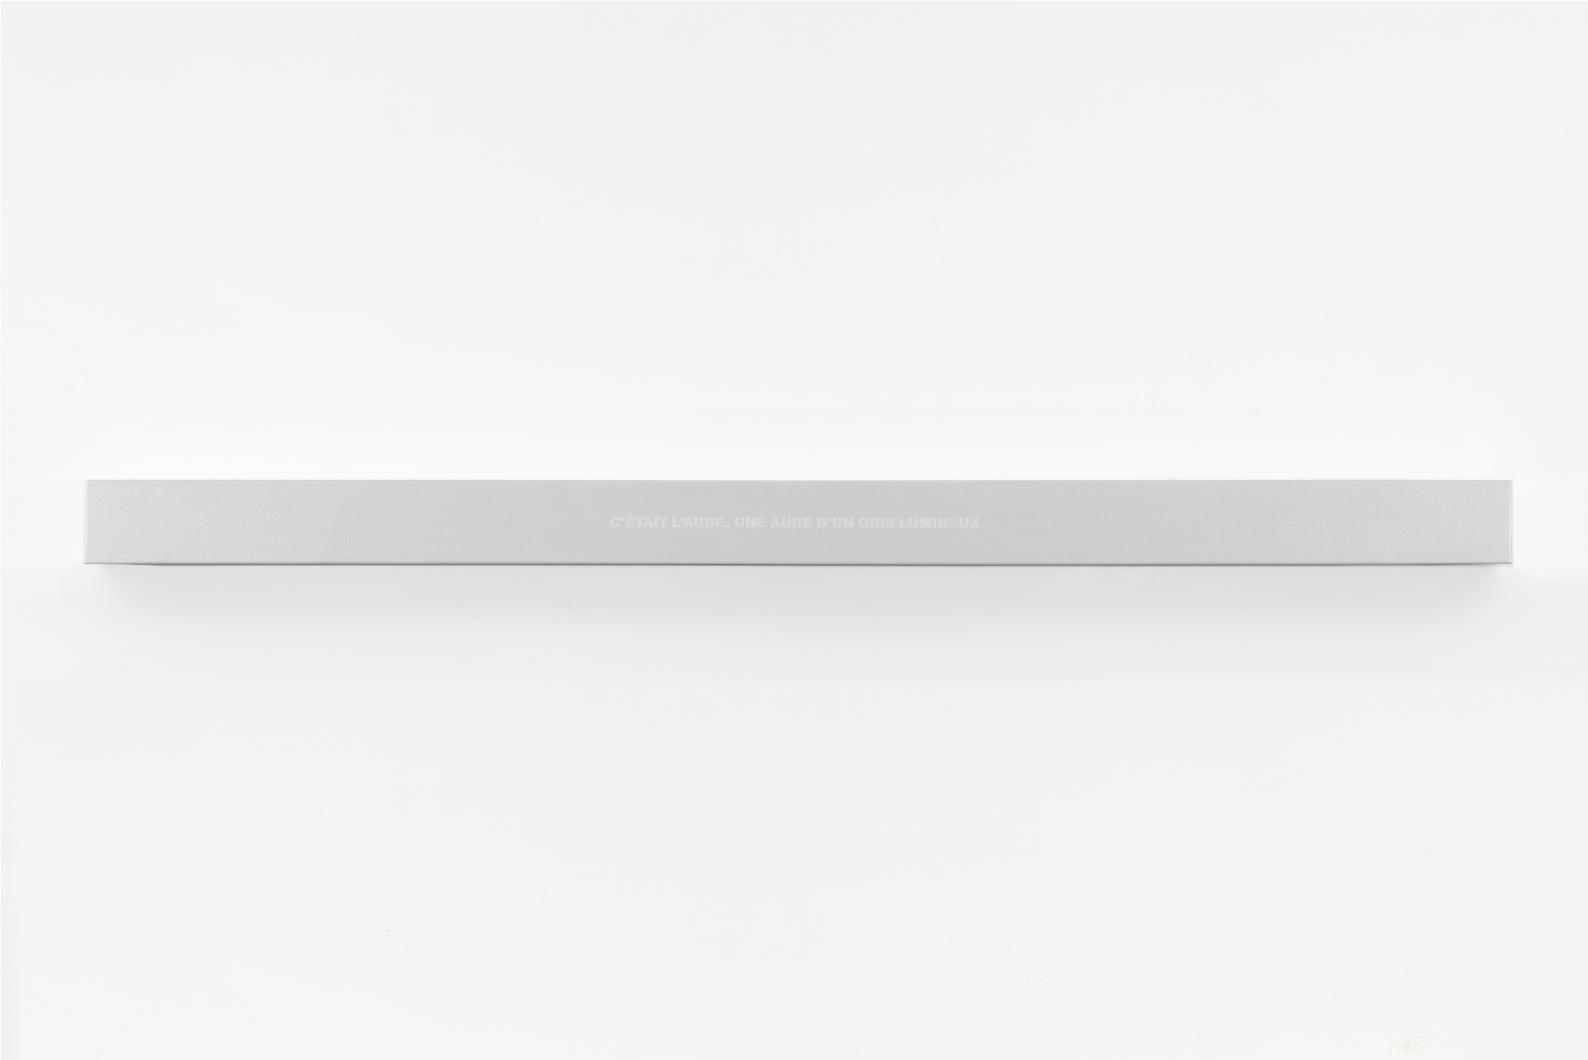 Francine Savard, Lumière de l'aube, 2018, Médiums mixtes sur toile marouflée sur caisson de bois, 10,16 × 177,8 × 10,16 cm / 4 x 70 x 4 pouces